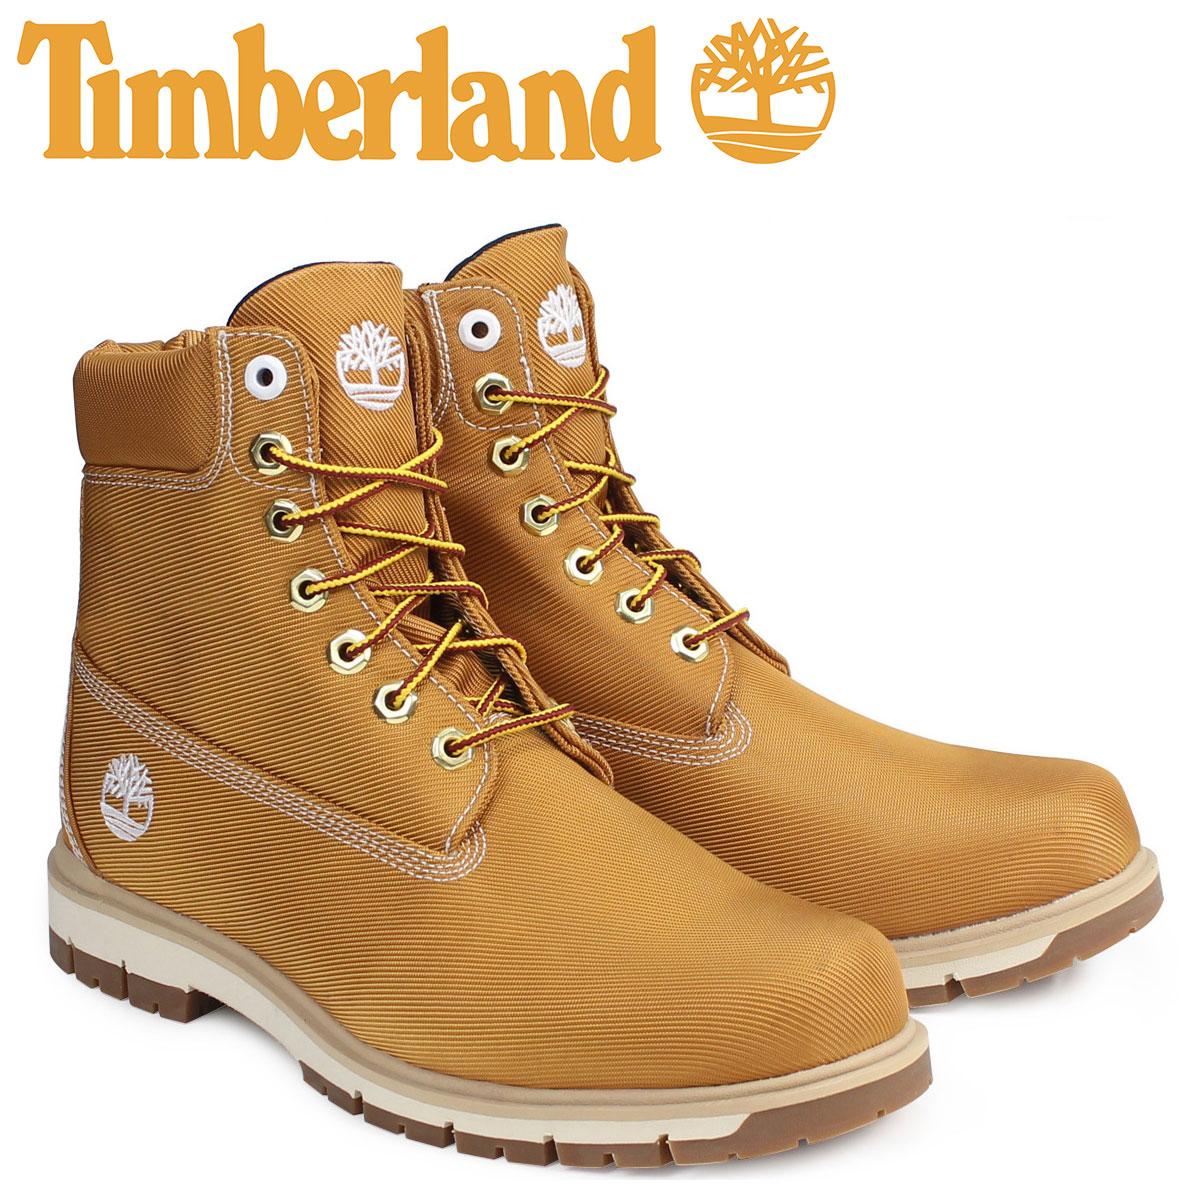 Timberland 6インチ メンズ ティンバーランド ブーツ 6INCHI RADFORD CANVAS BOOTS A1M8X Wワイズ 防水 ベージュ